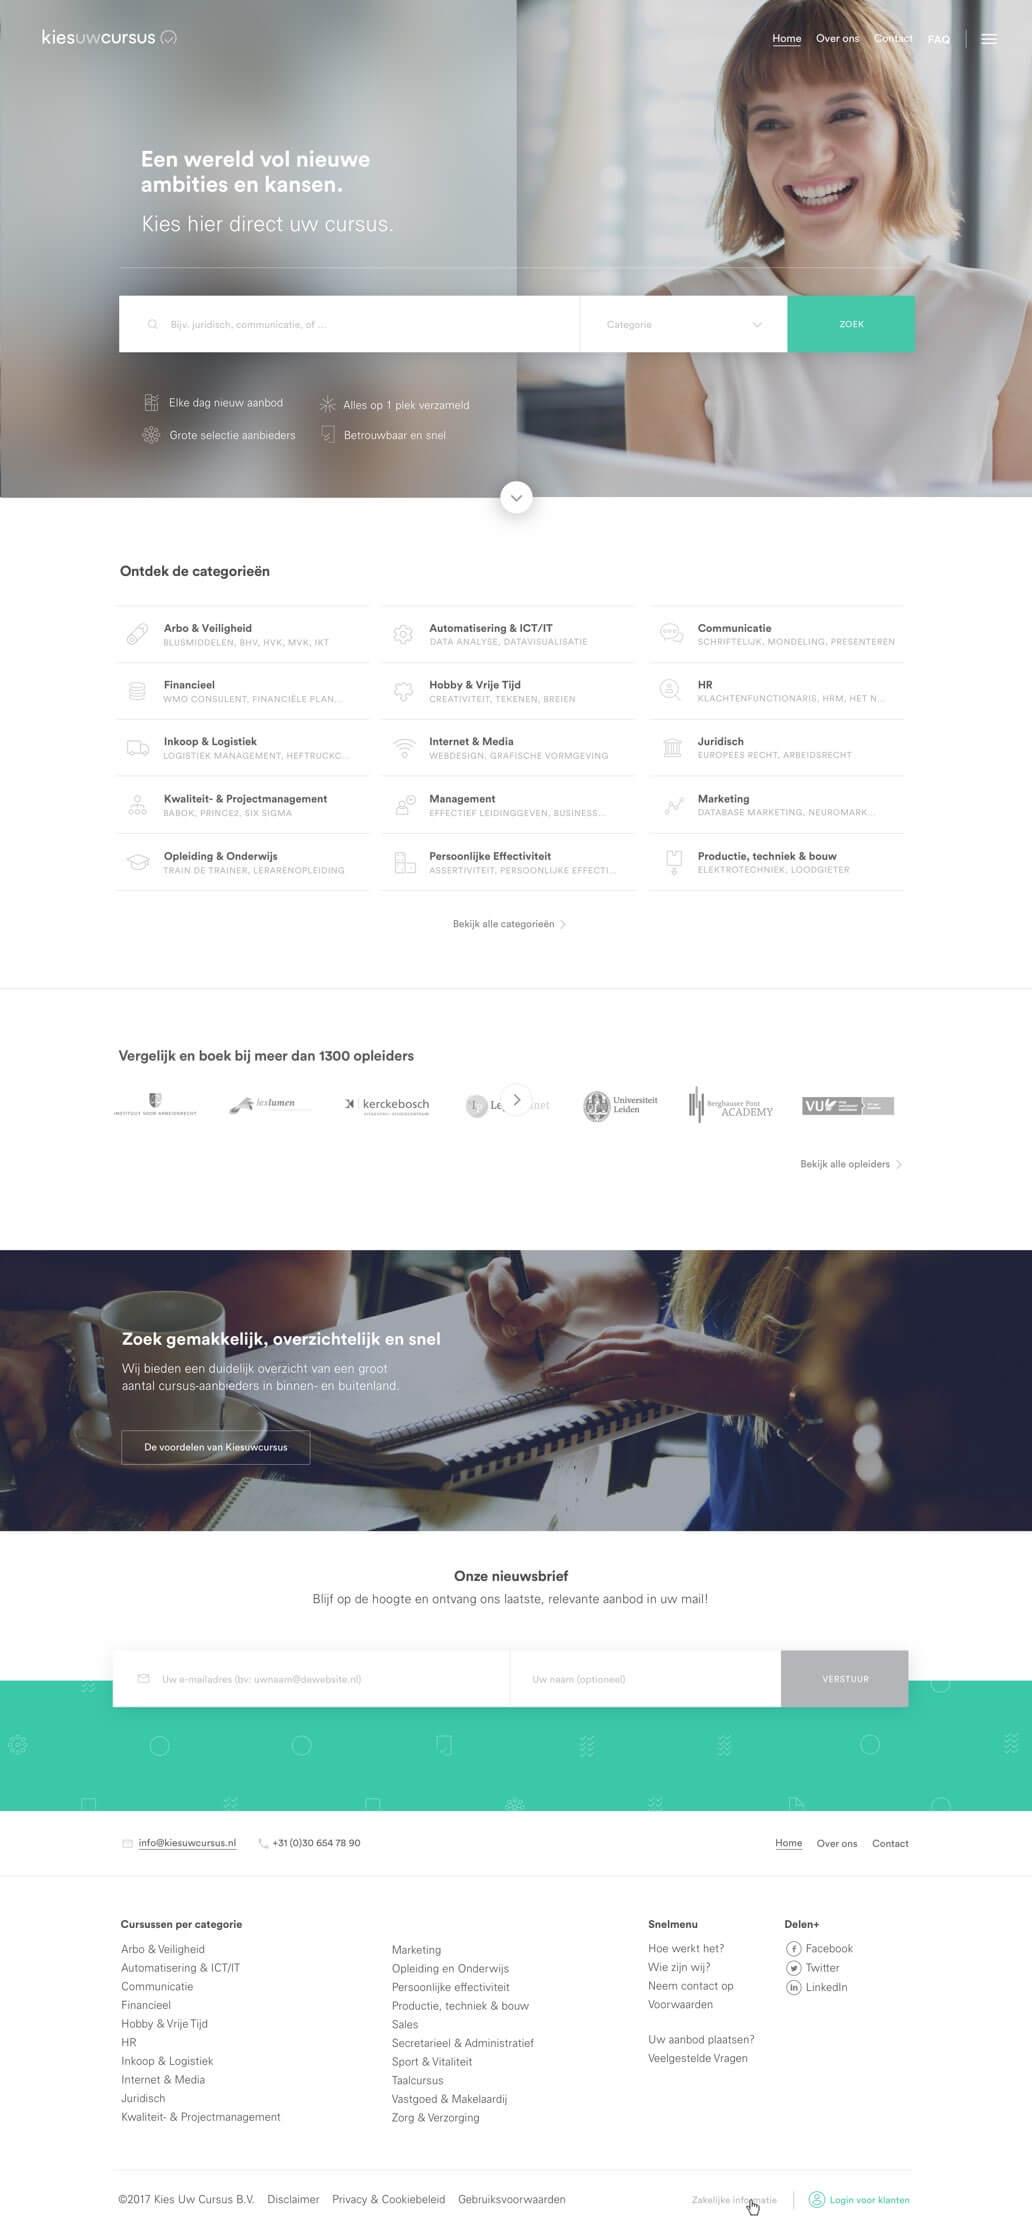 Kies uw Cursus homepage ontwerp